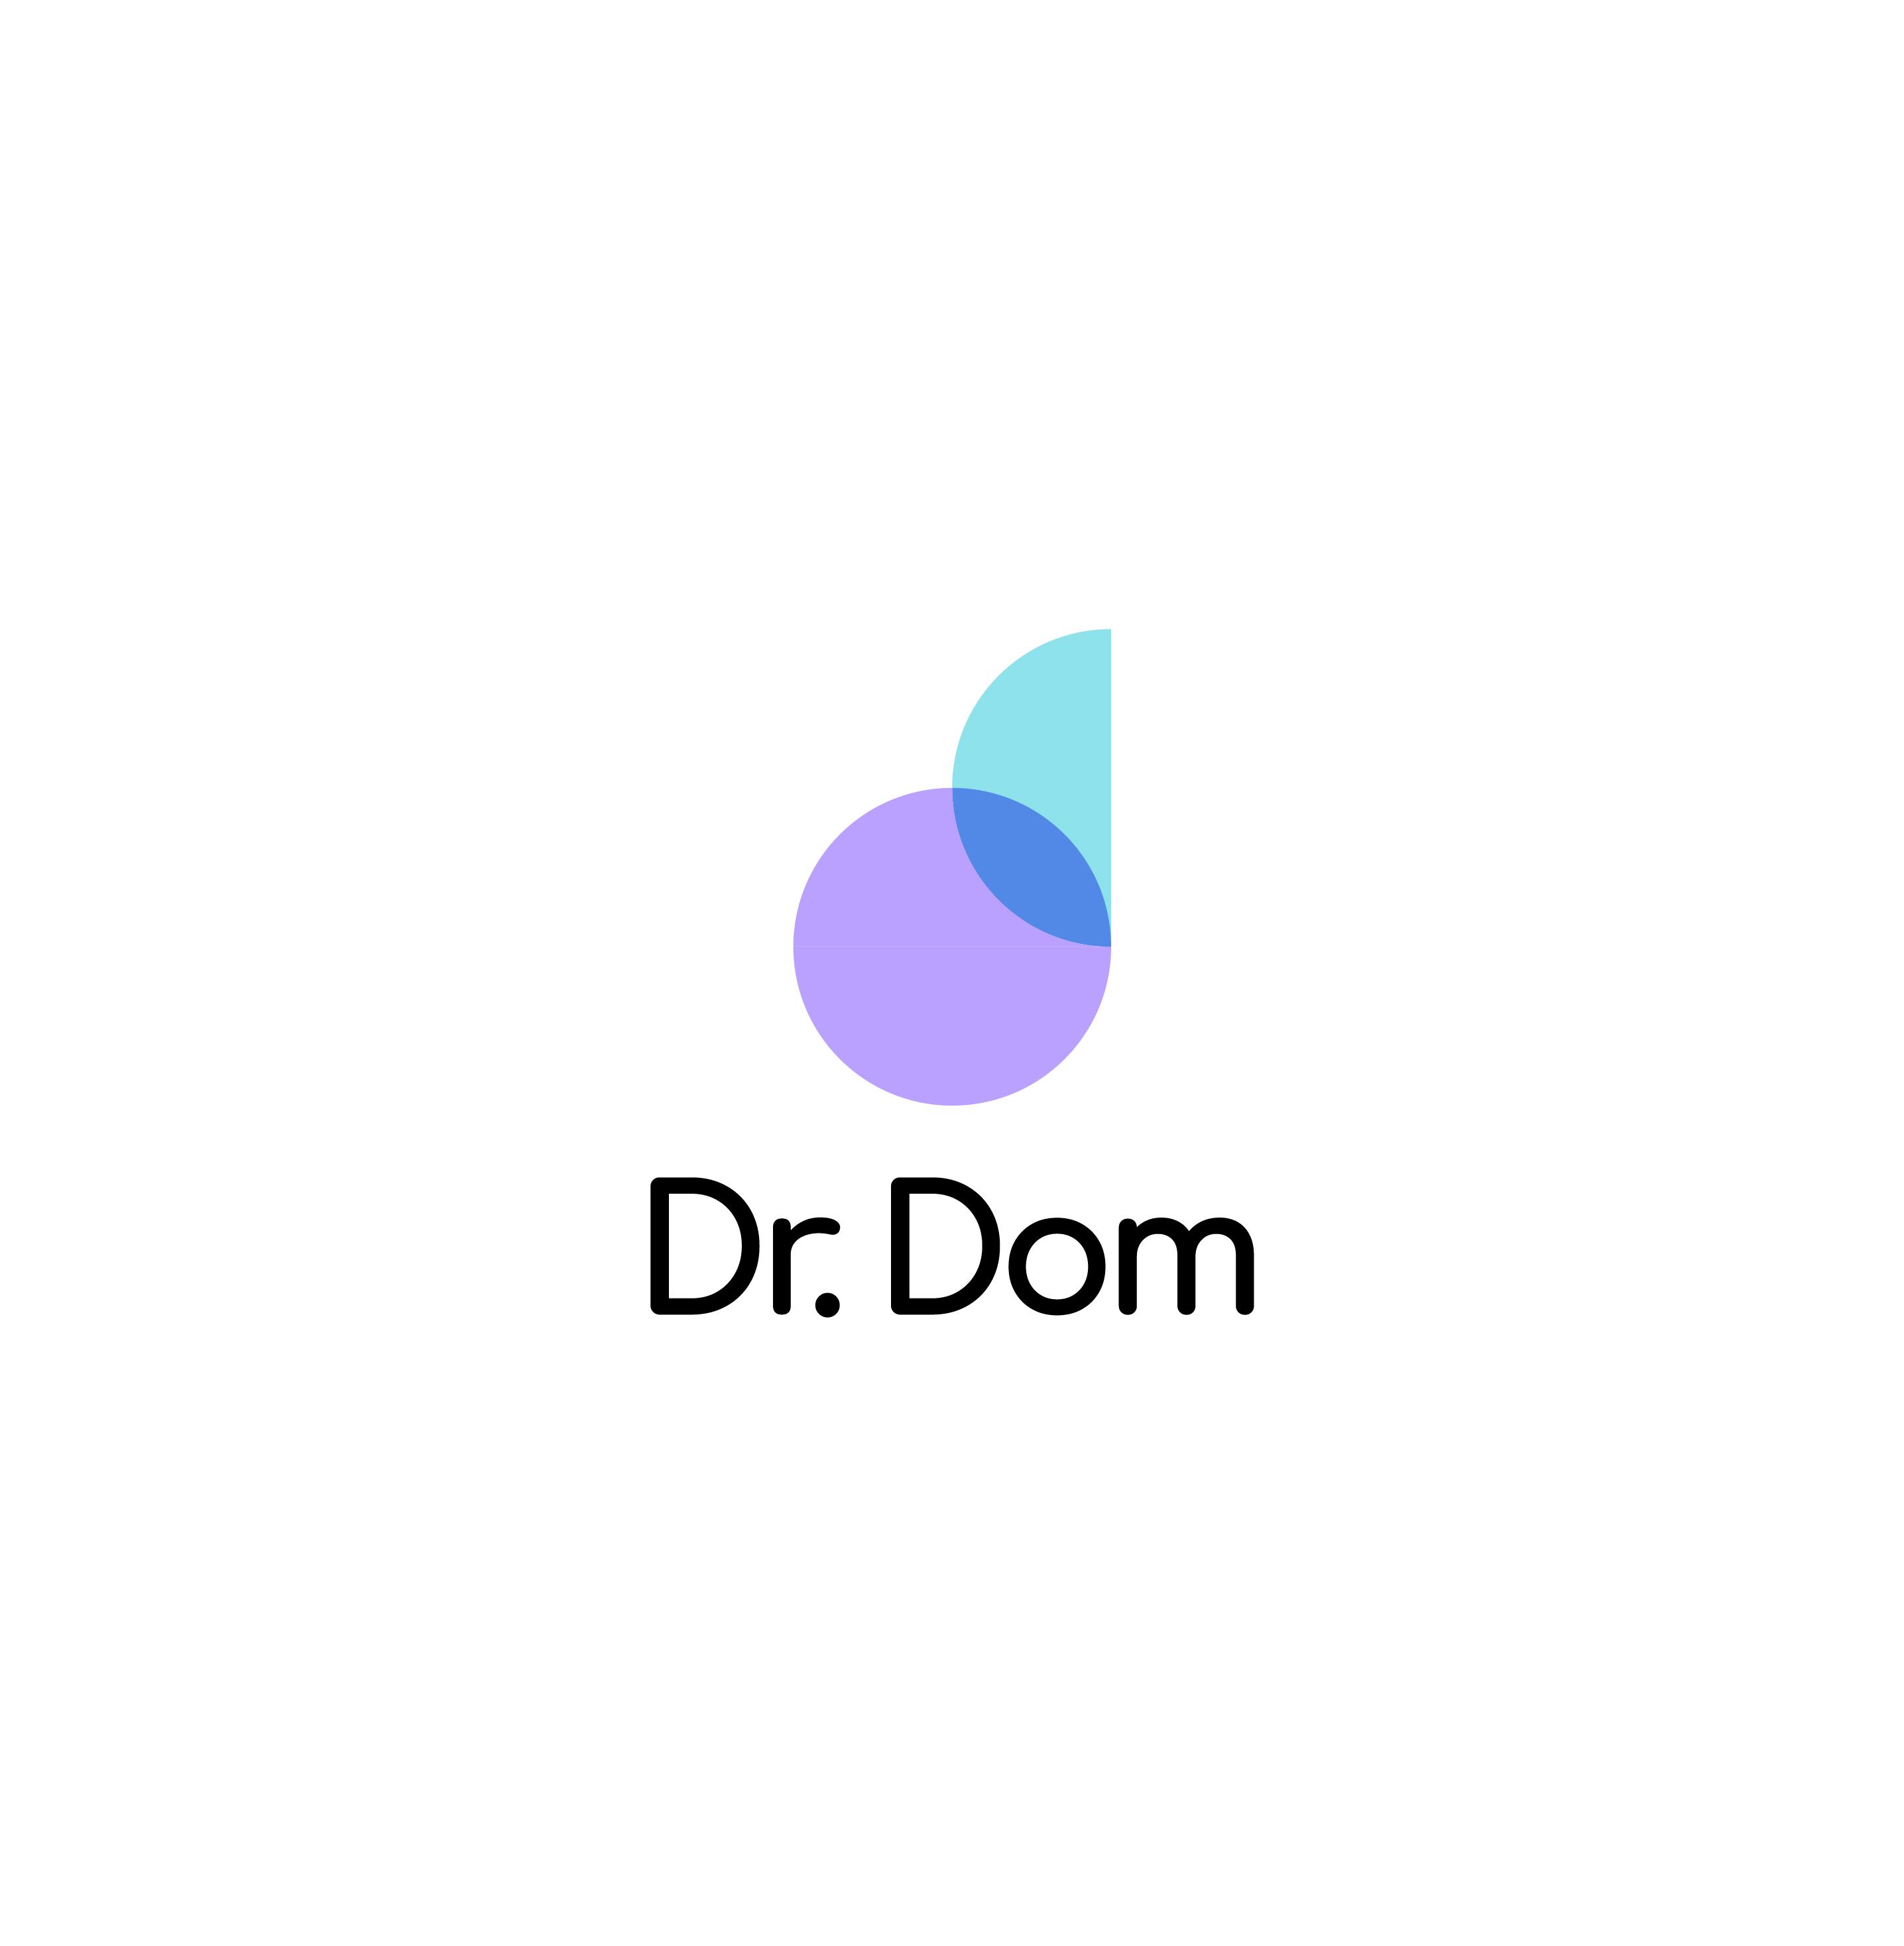 Разработать логотип для сети магазинов бытовой химии и товаров для уборки фото f_7775fffb36b8c595.jpg